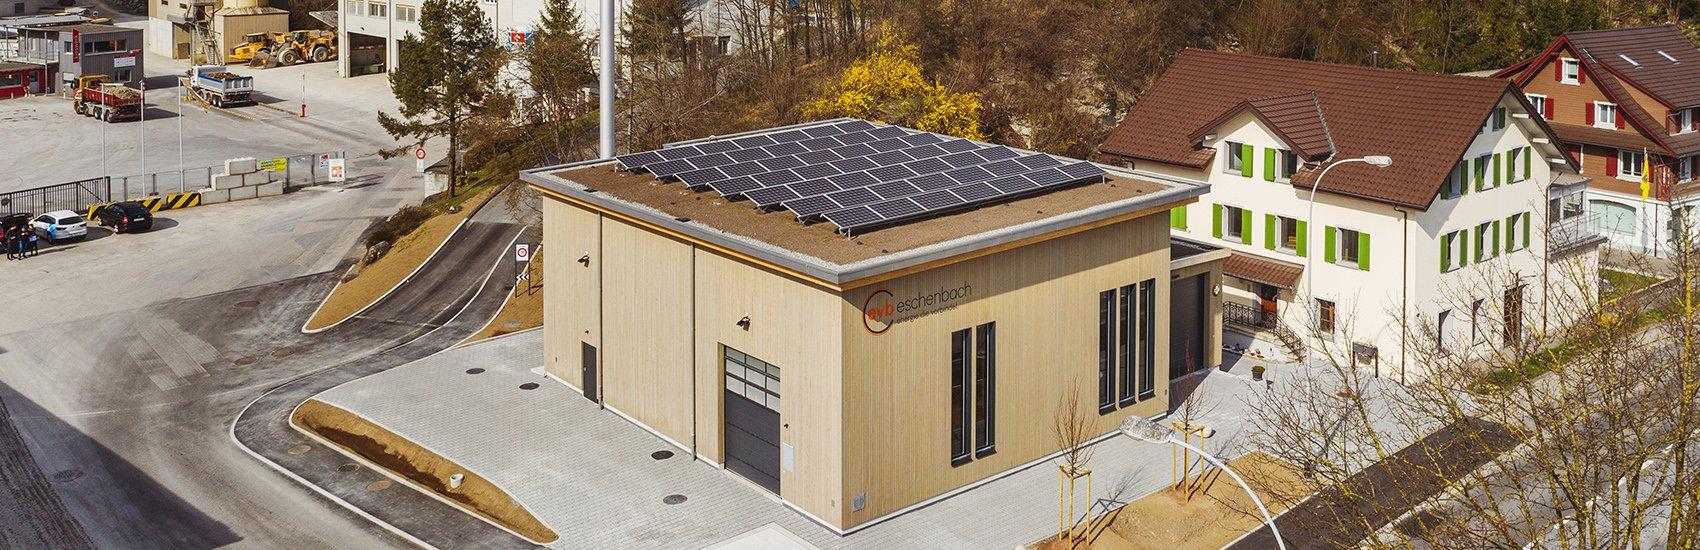 Energieverbund Eschenbach AG, Photovoltaikanlage, Geäudedach